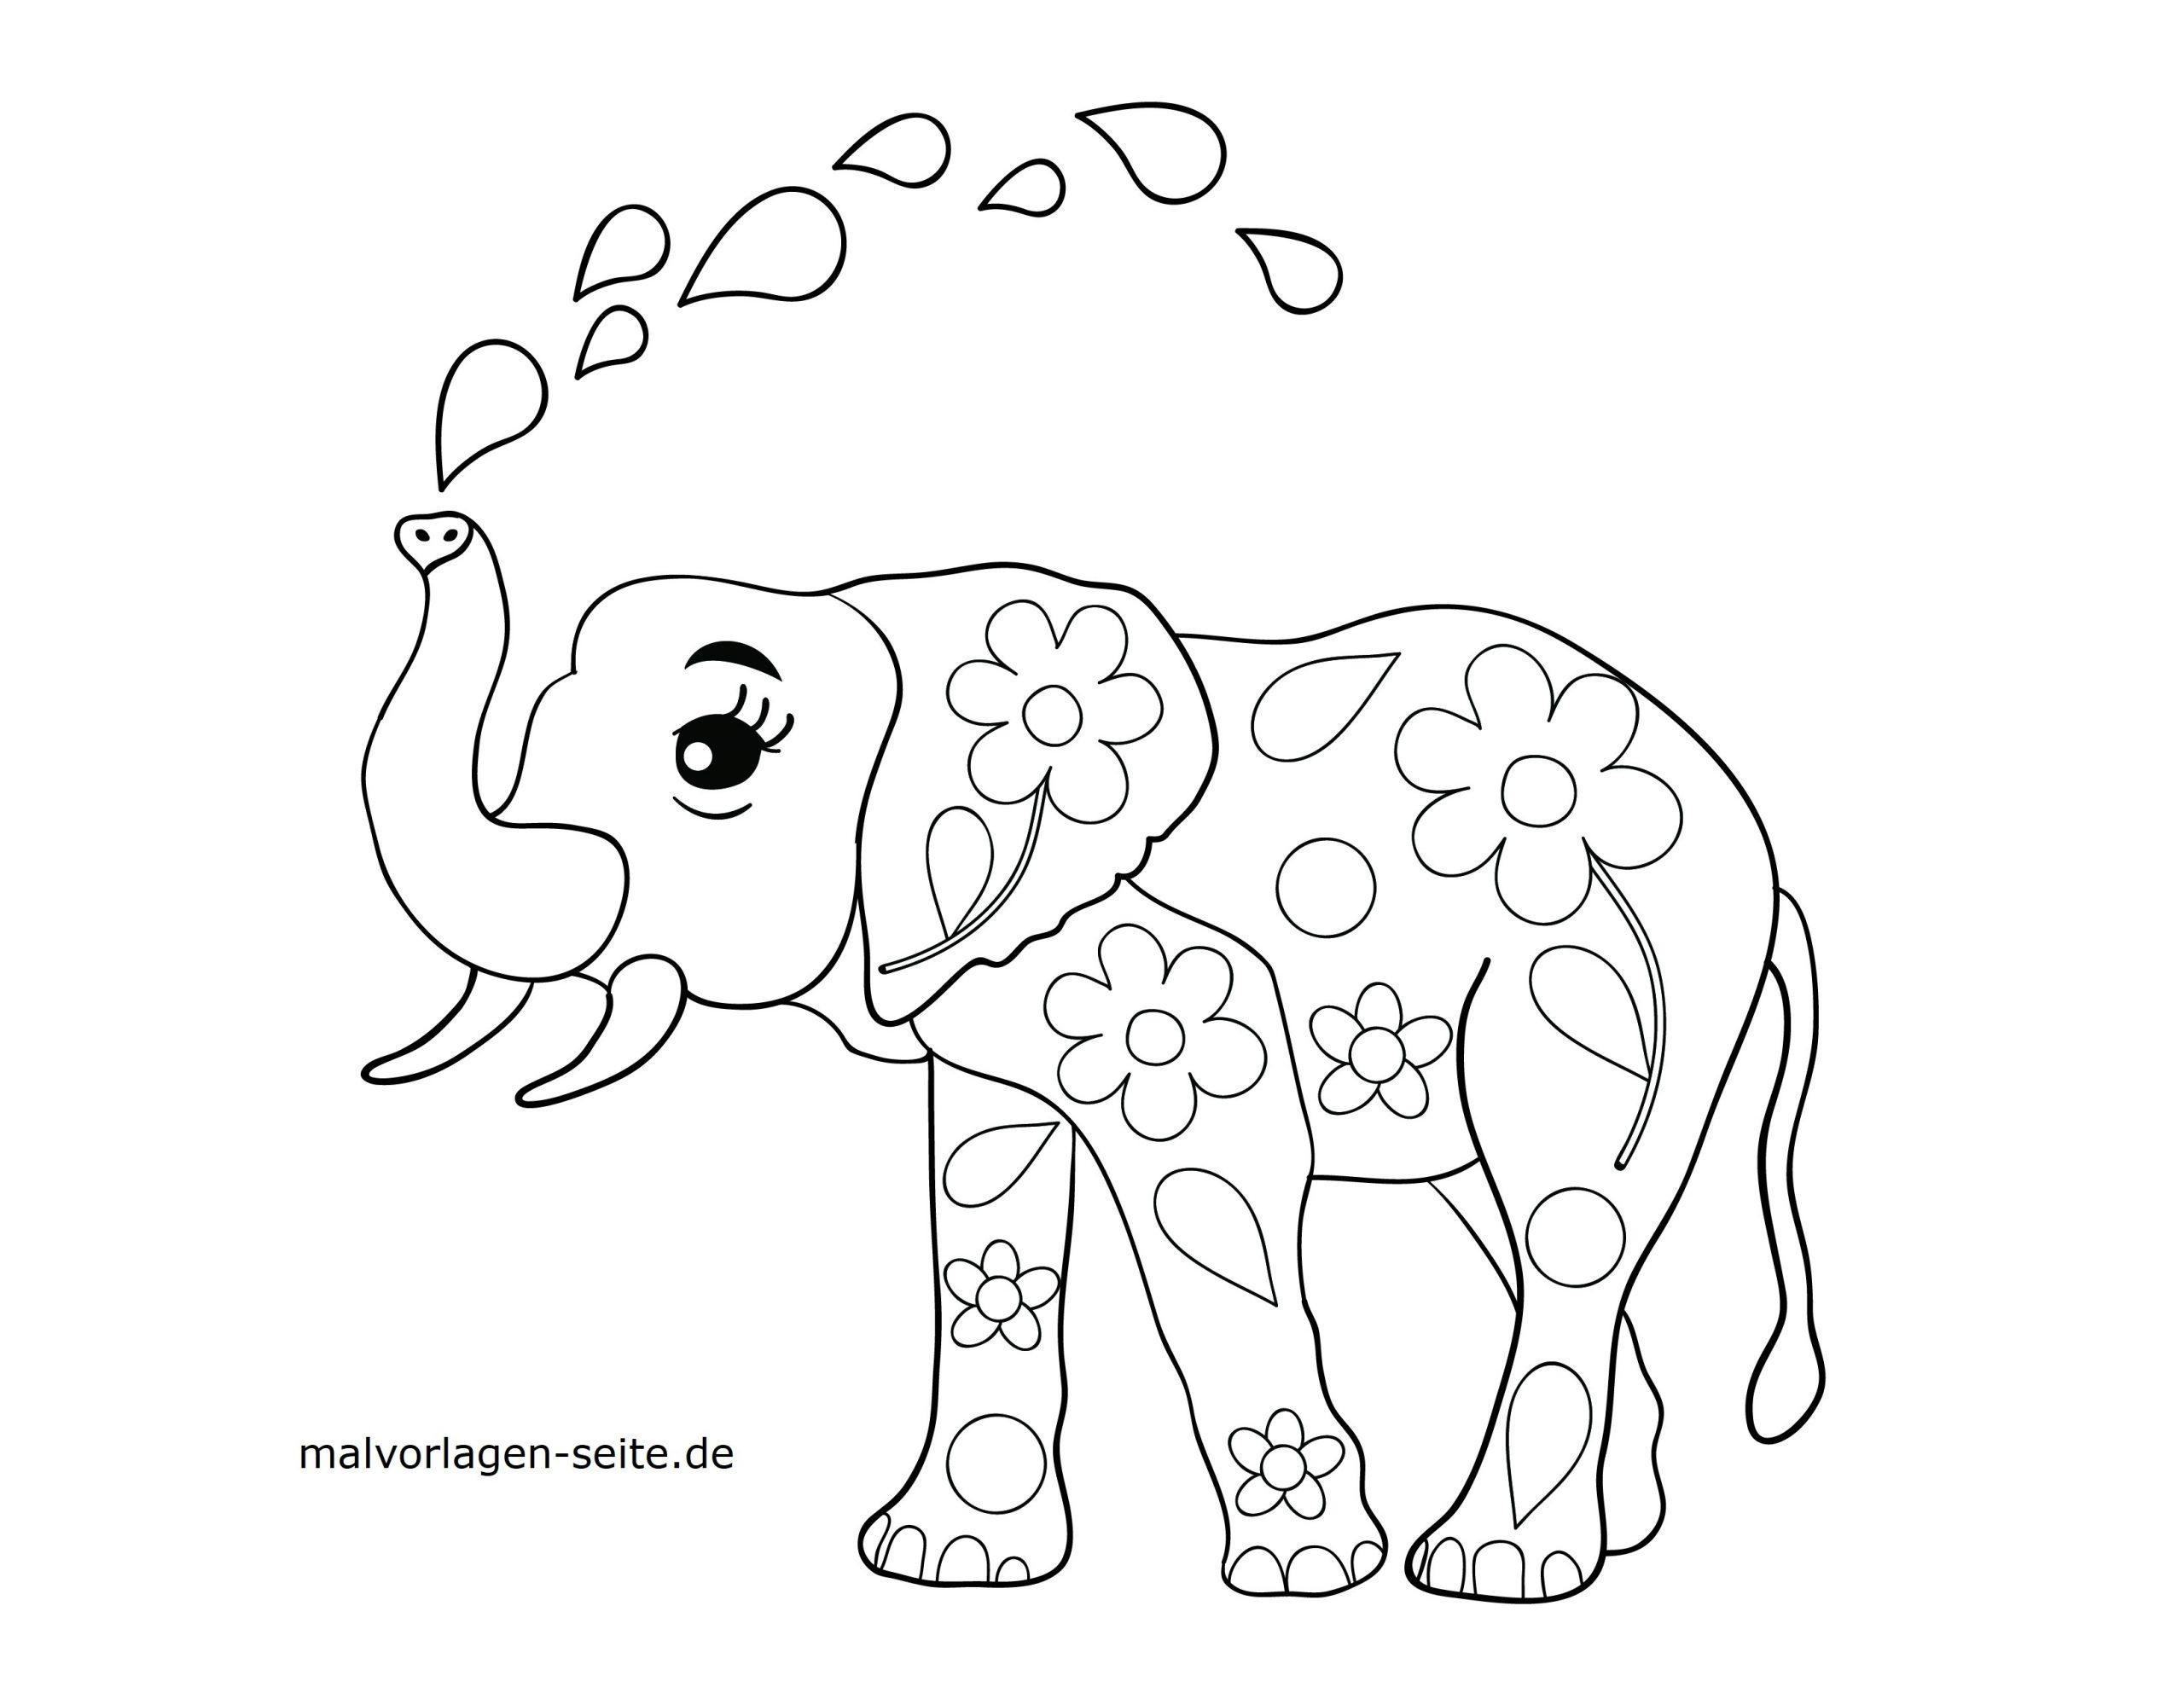 elefanten malvorlagen - kinderbilder.download